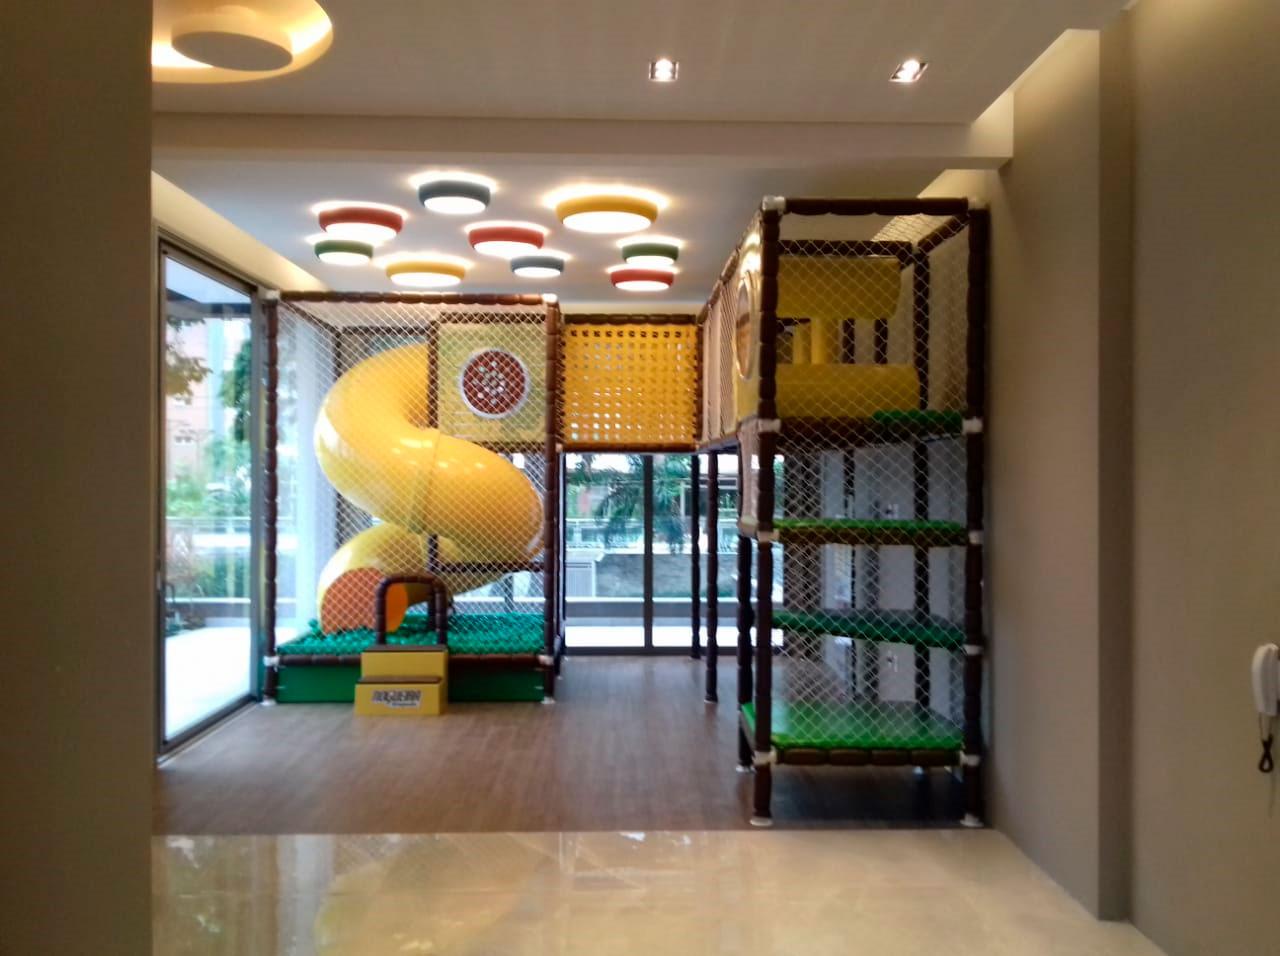 Brinquedão Kid Play Montado em Condomínio - Nogueira Brinquedos (1)